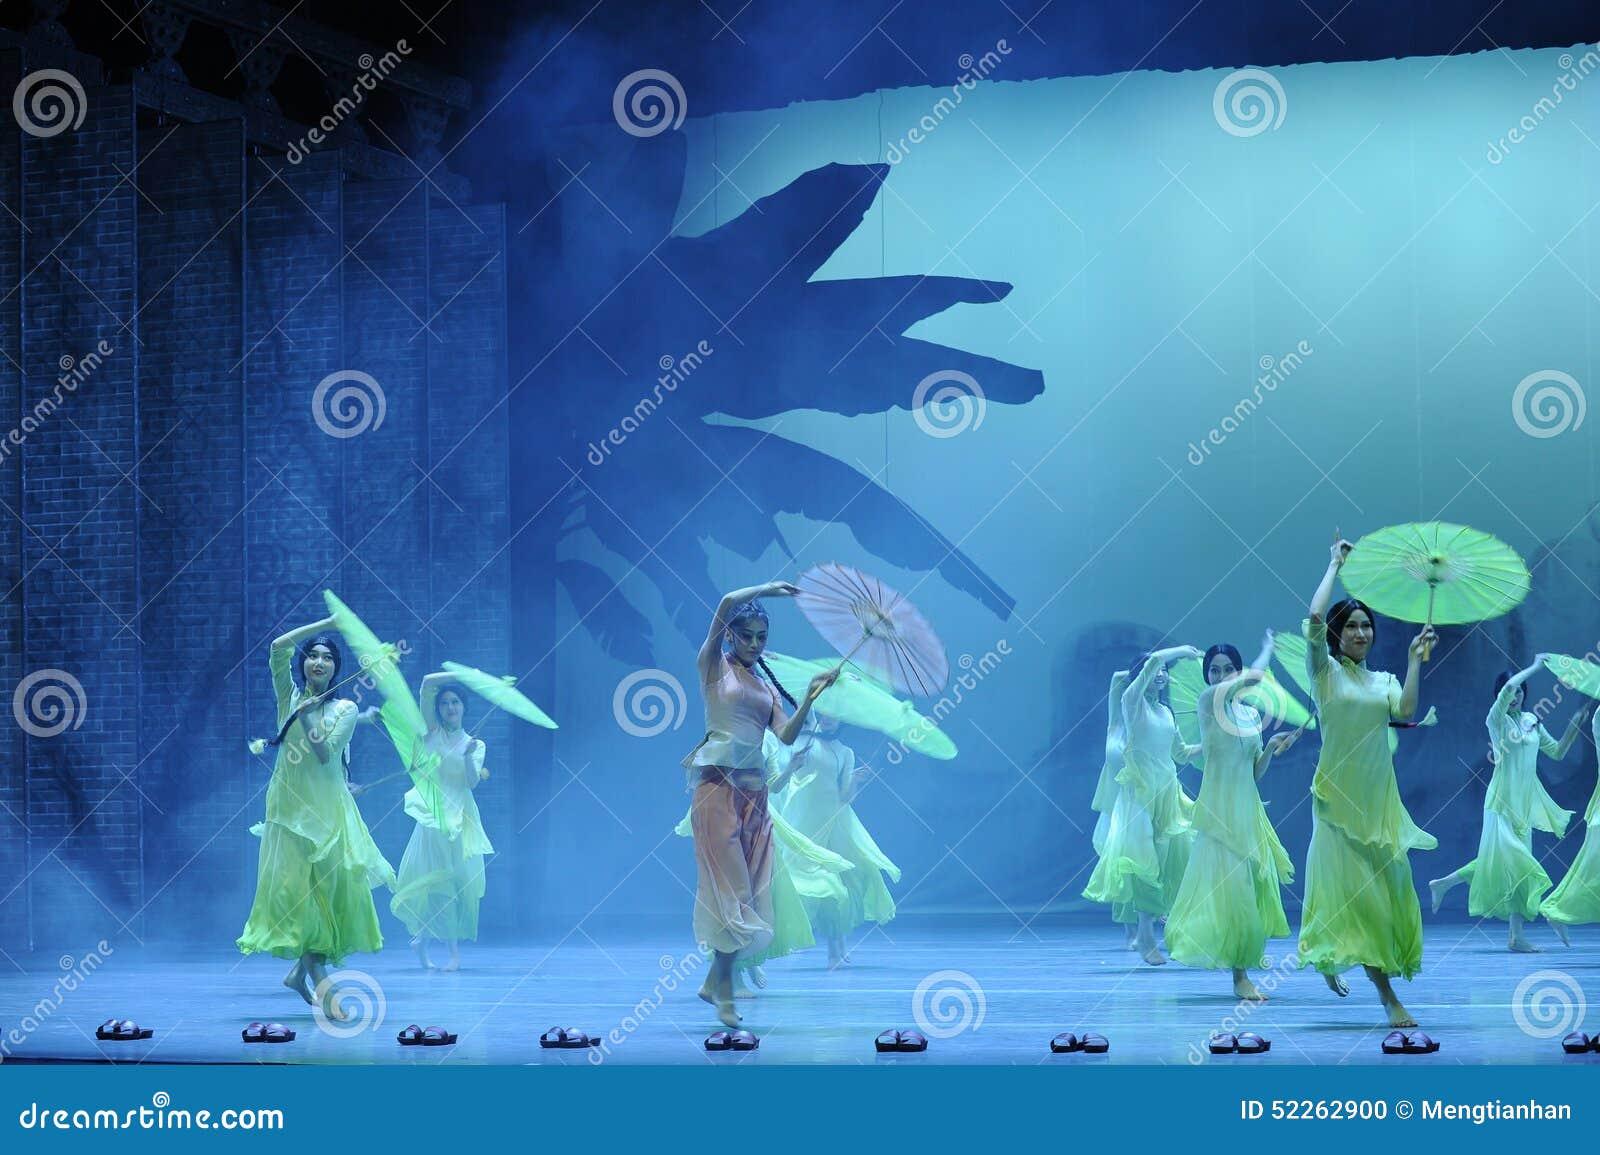 Οι παντόφλες μπαμπού και η ομπρέλα-δεύτερη πράξη των γεγονότων δράμα-Shawan χορού του παρελθόντος